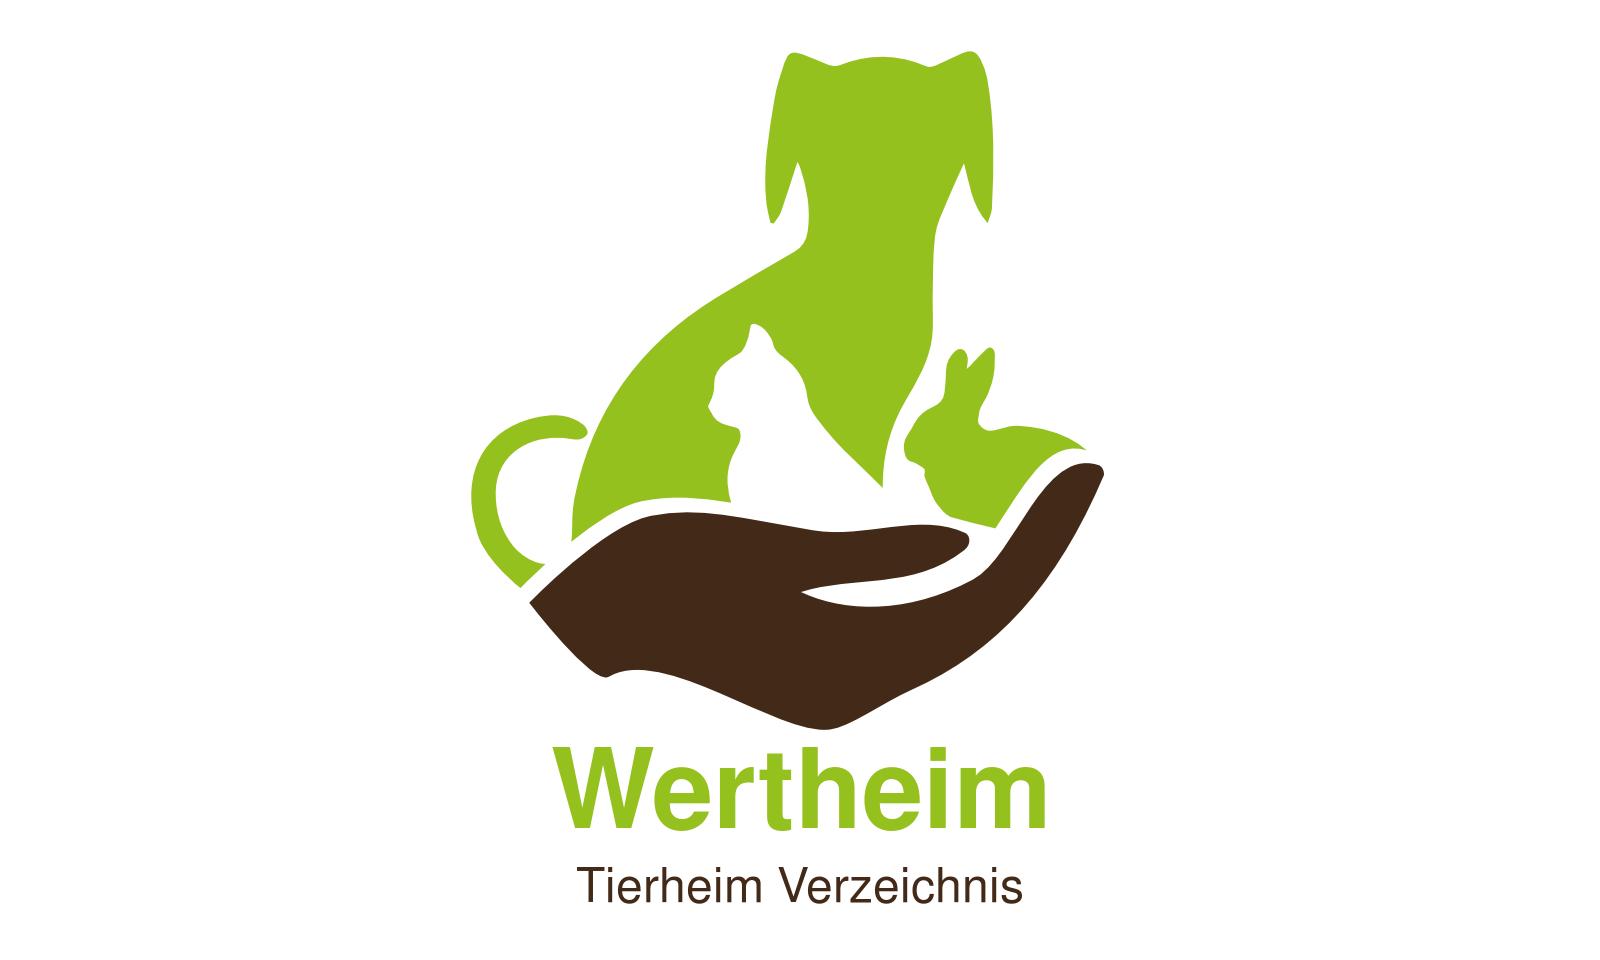 Tierheim Wertheim